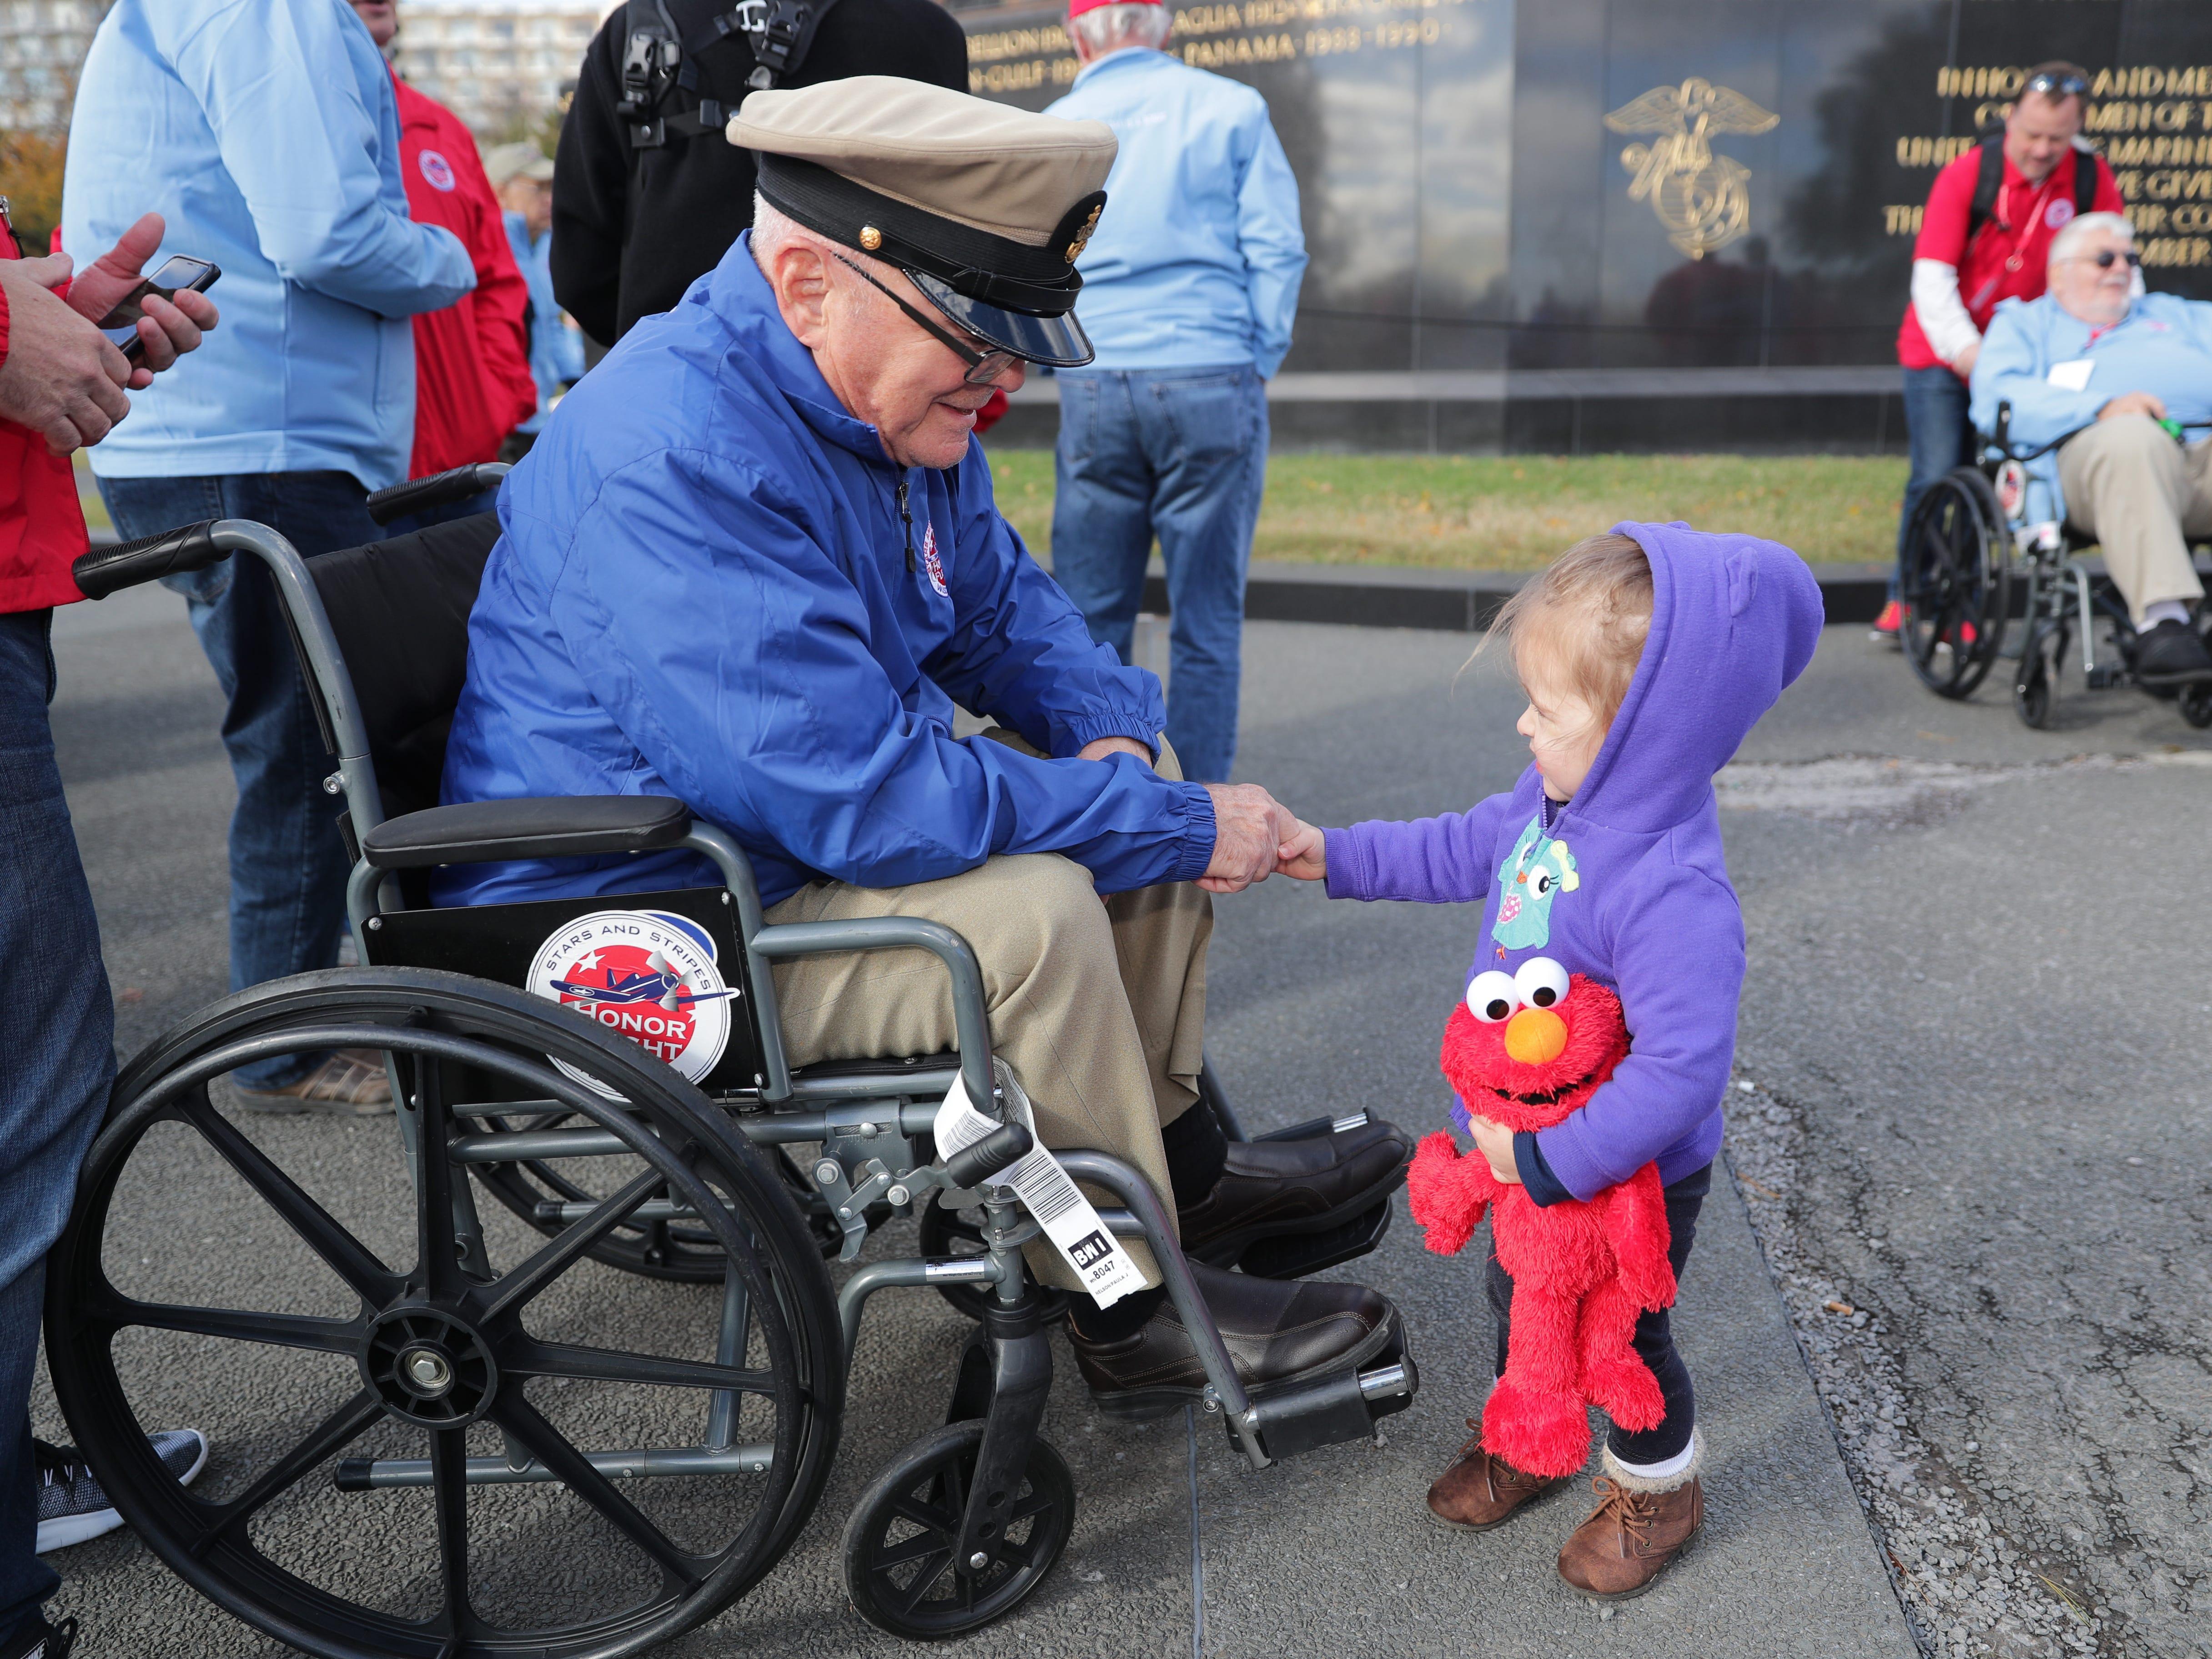 Two-year-old Jersey Ponzar of Arlington,  Virginia, greets Vince Lewein of  Oconomowoc at the Marine Corps Memorial in Arlington. Ponzar was with her dad Sammy Ponzar. Lewein is a 1955 to 1971 Korea- and Vietnam-era veteran.